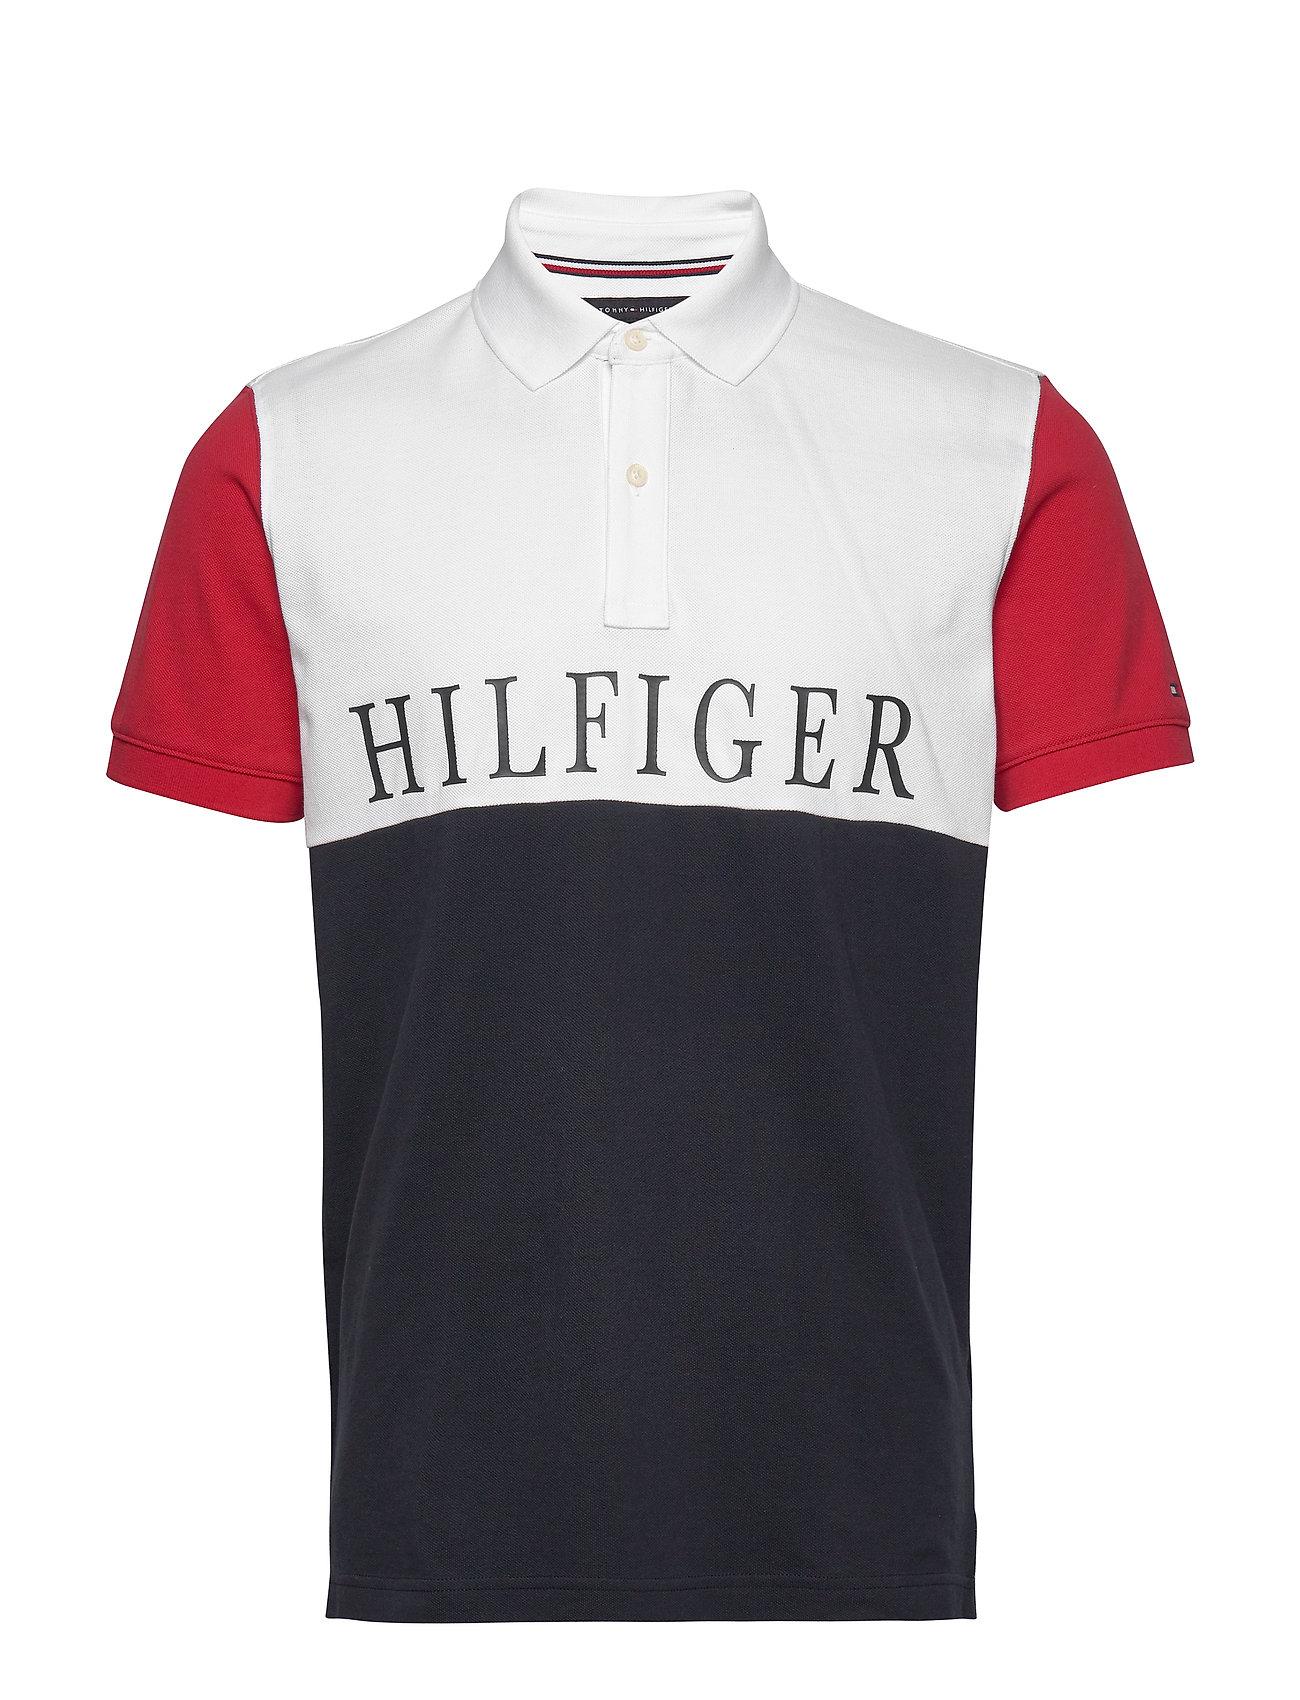 Image of Hilfiger Colorblock Polos Short-sleeved Creme Tommy Hilfiger (3362440185)